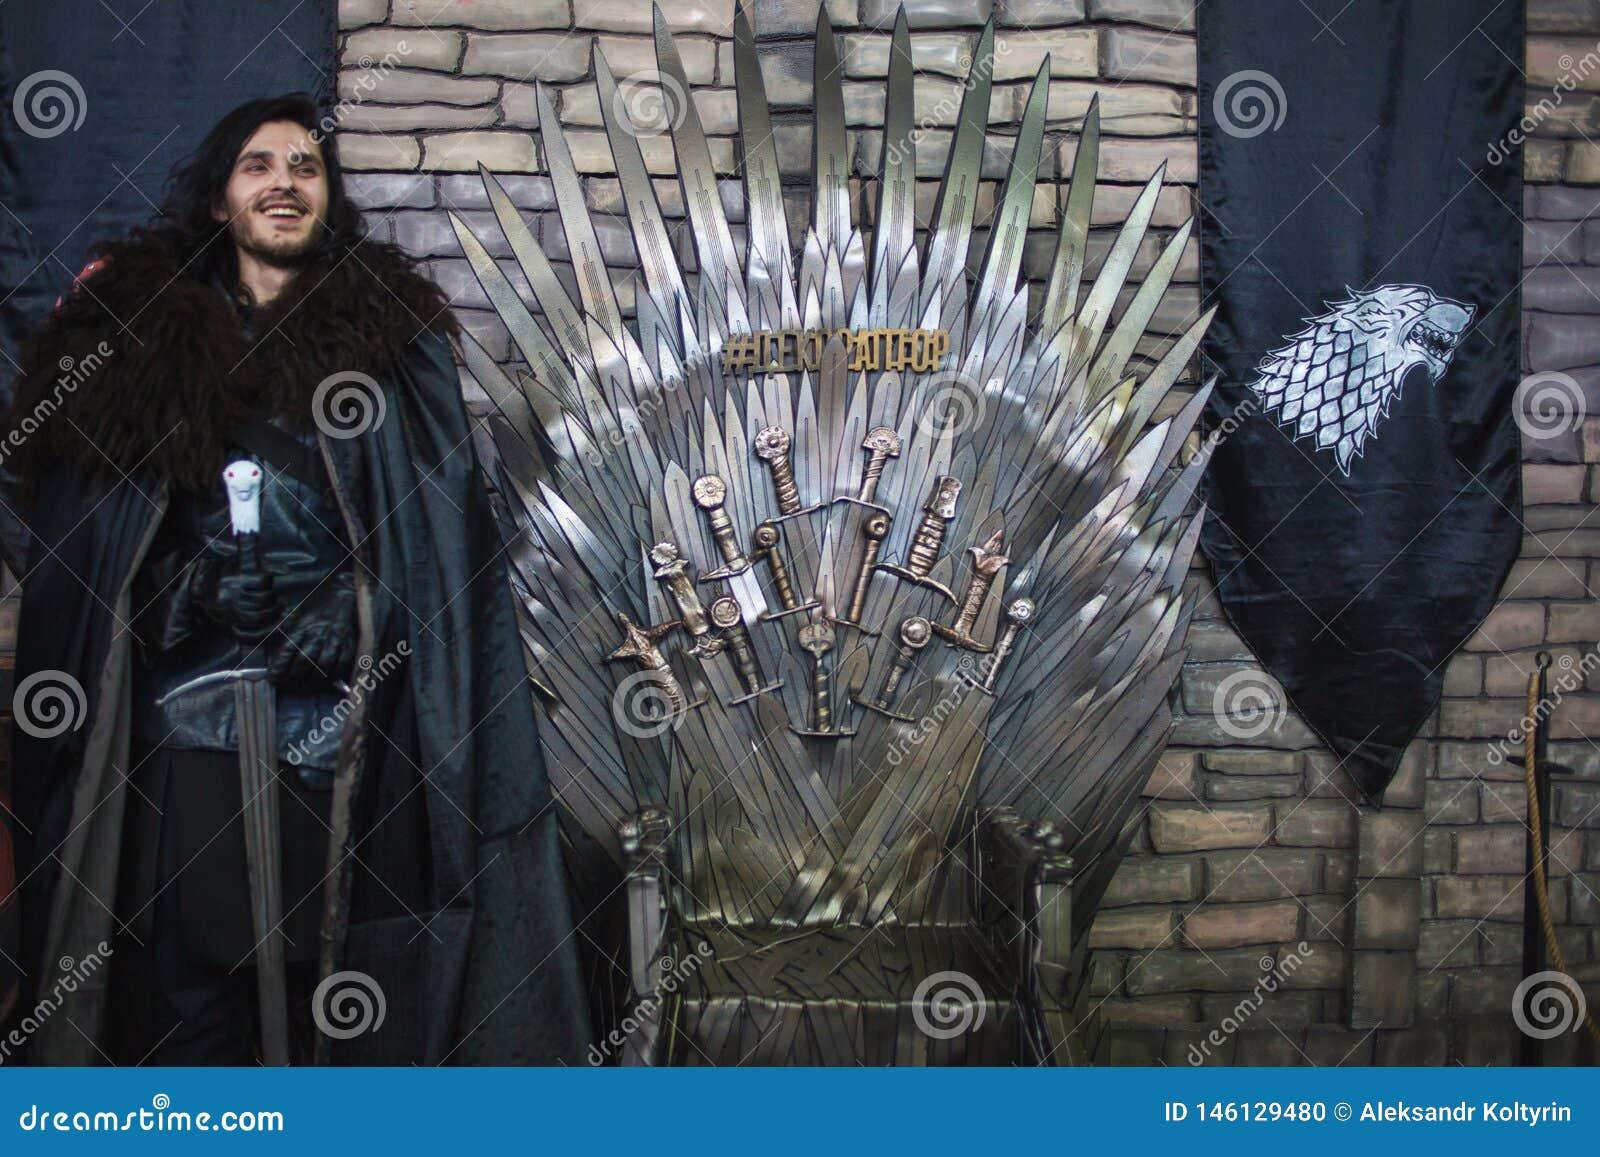 SAN PIETROBURGO, RUSSIA - 27 APRILE 2019: Festival dei film e dei fan, cosplay della neve di John vicino al trono del ferro,